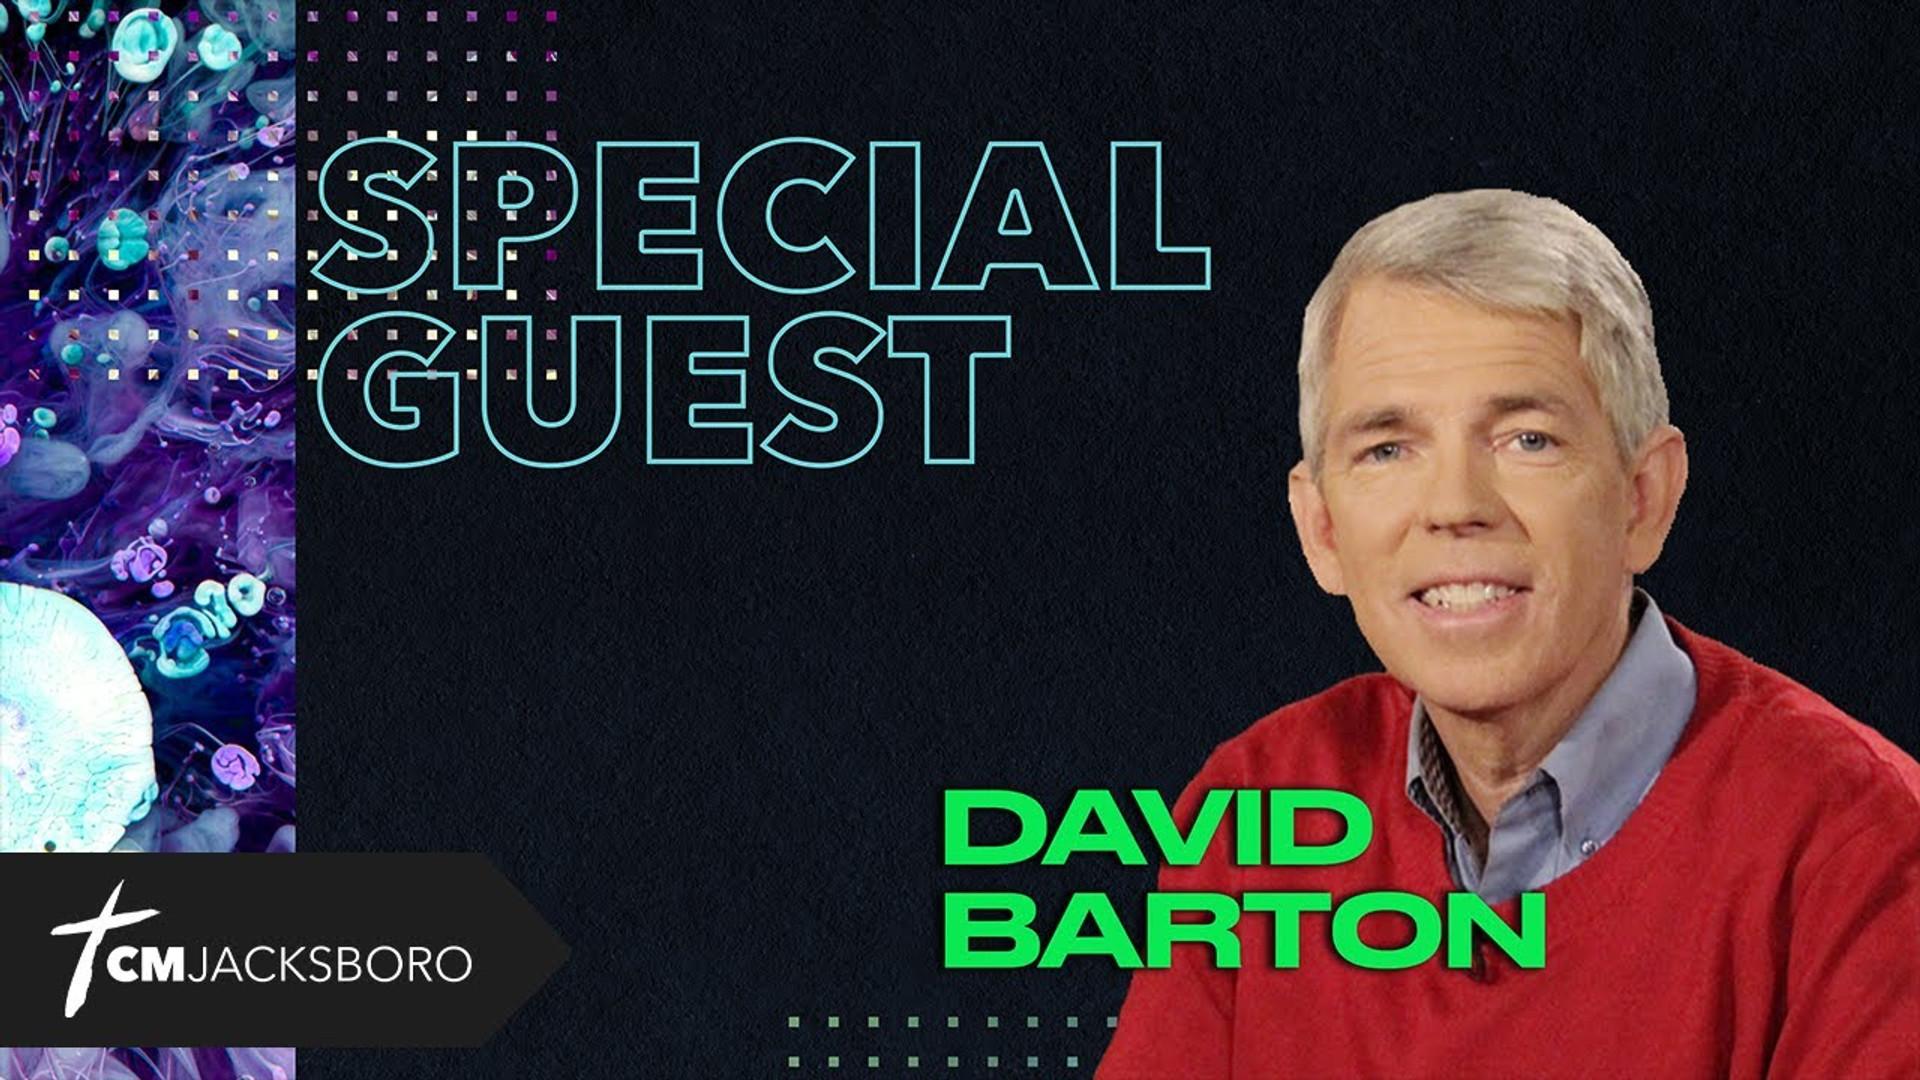 Special Guest: David Barton